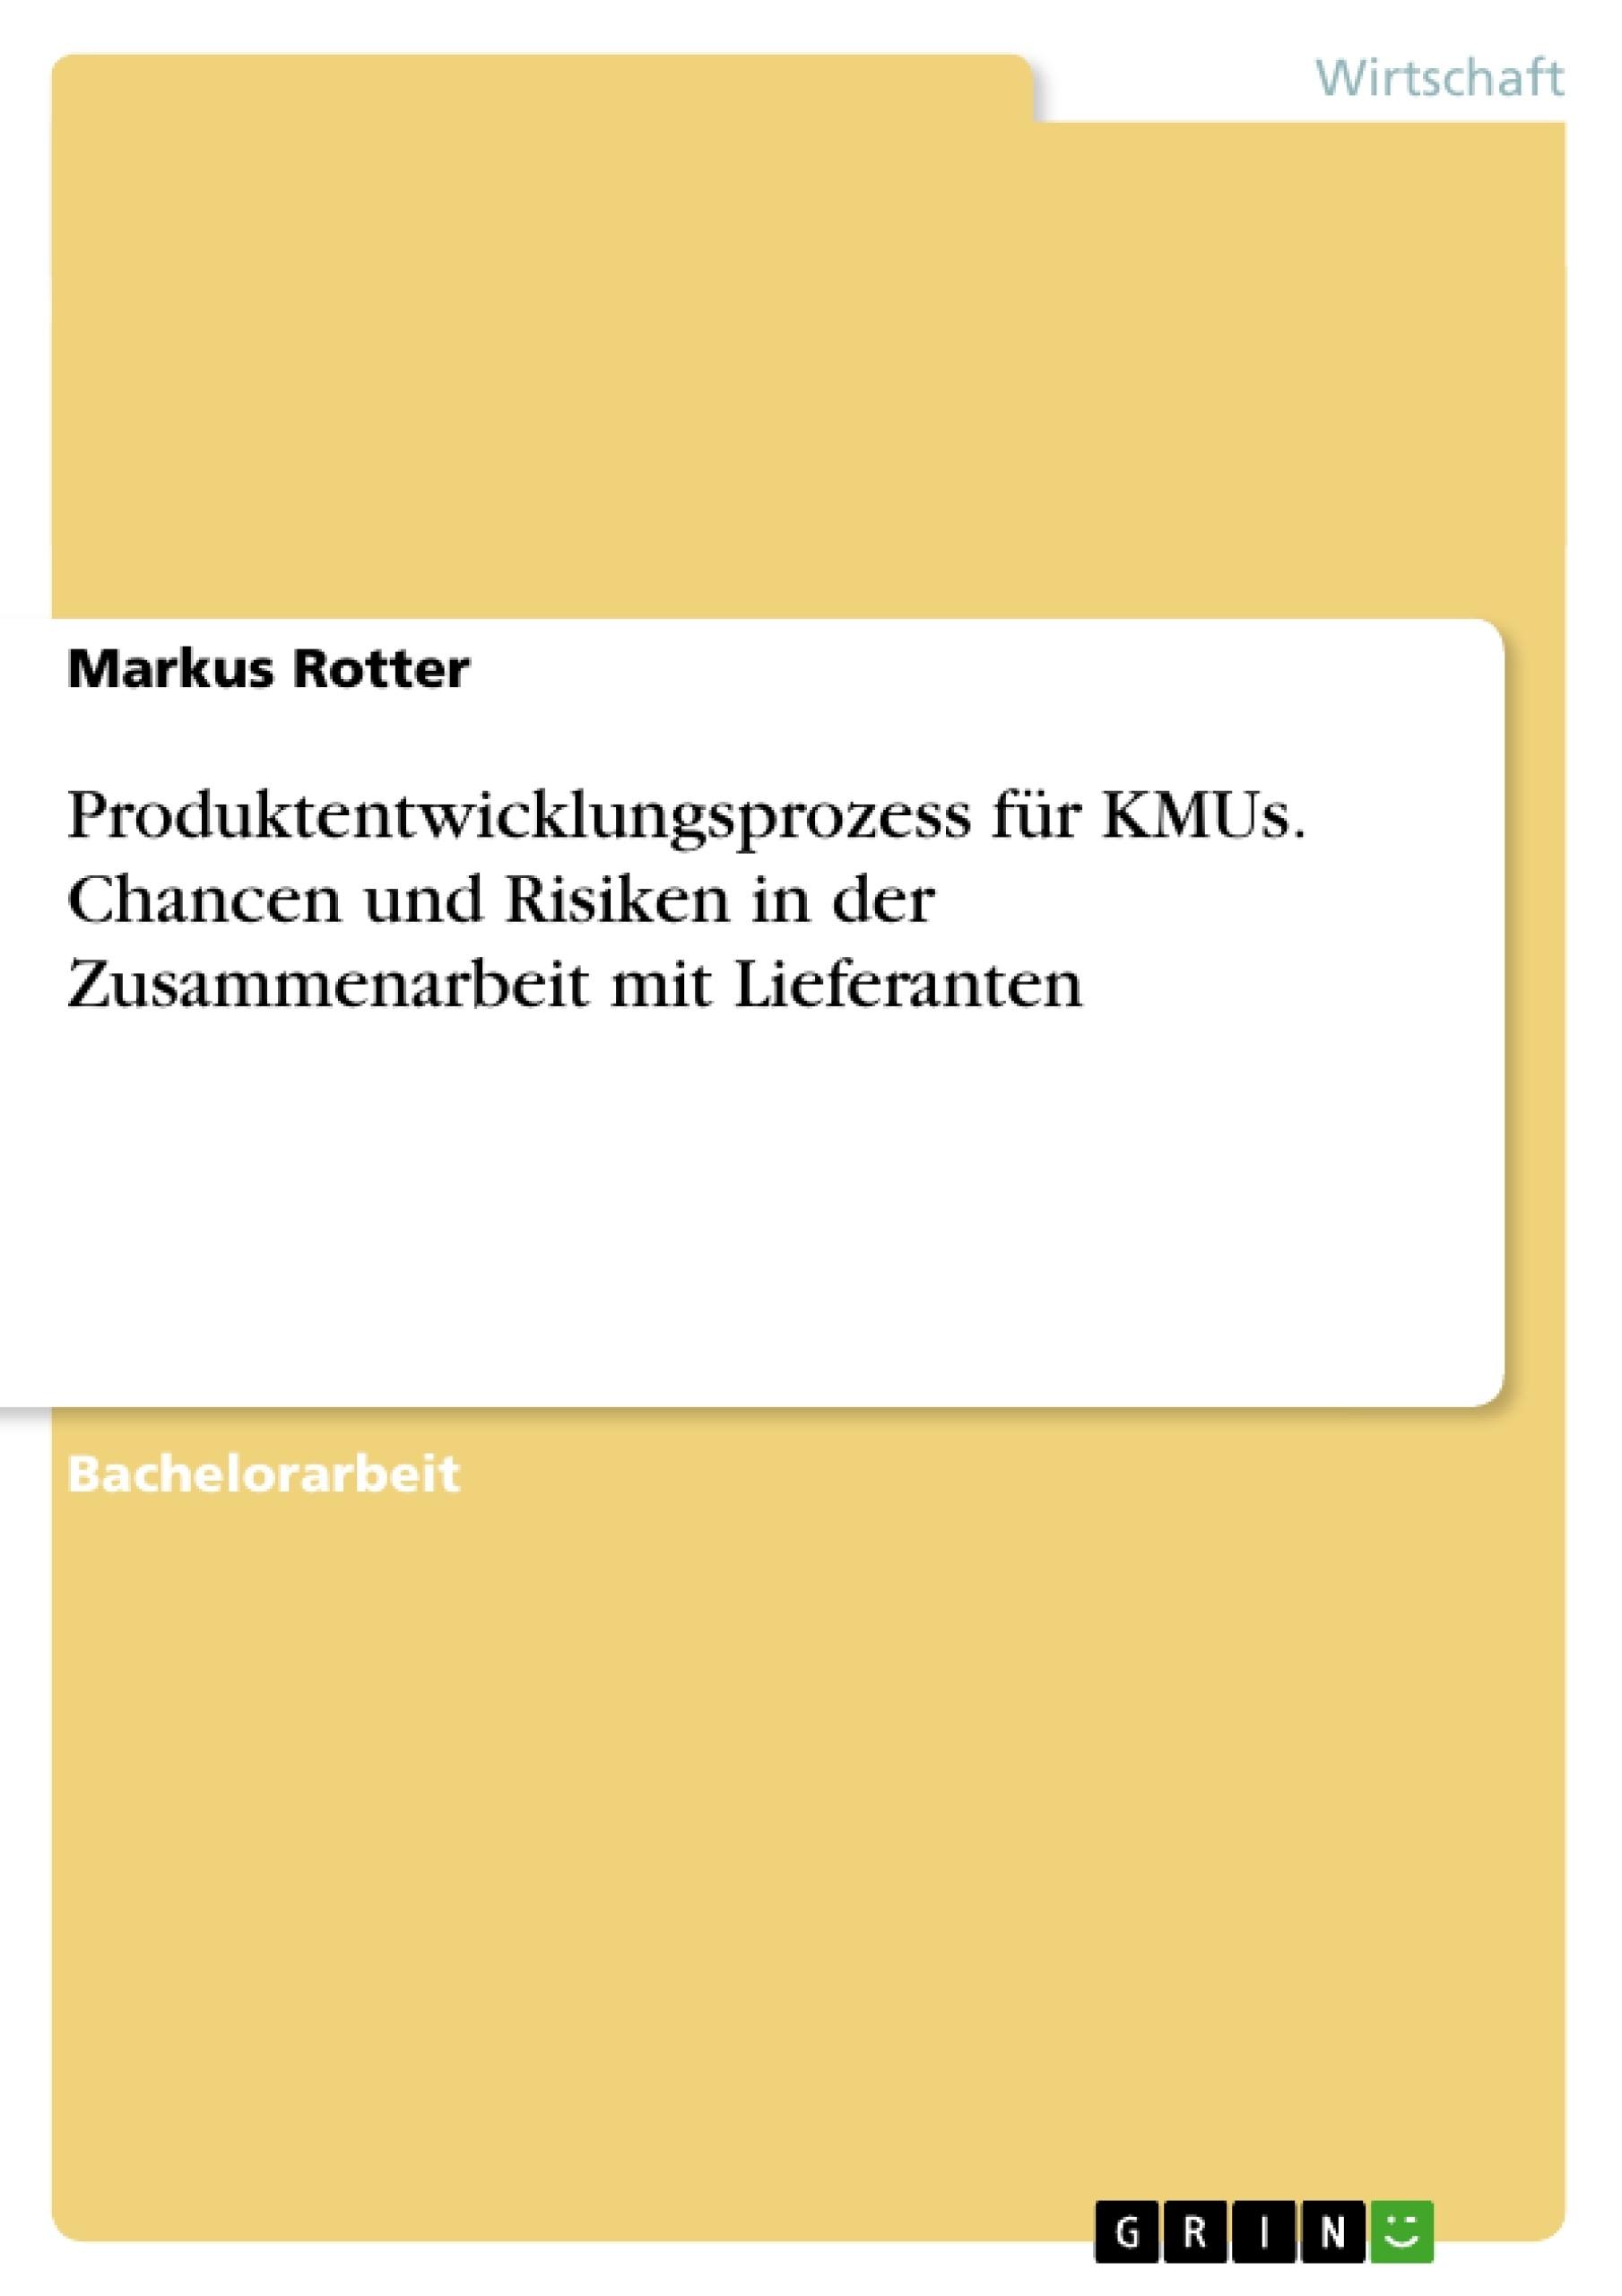 Titel: Produktentwicklungsprozess für KMUs. Chancen und Risiken in der Zusammenarbeit mit Lieferanten